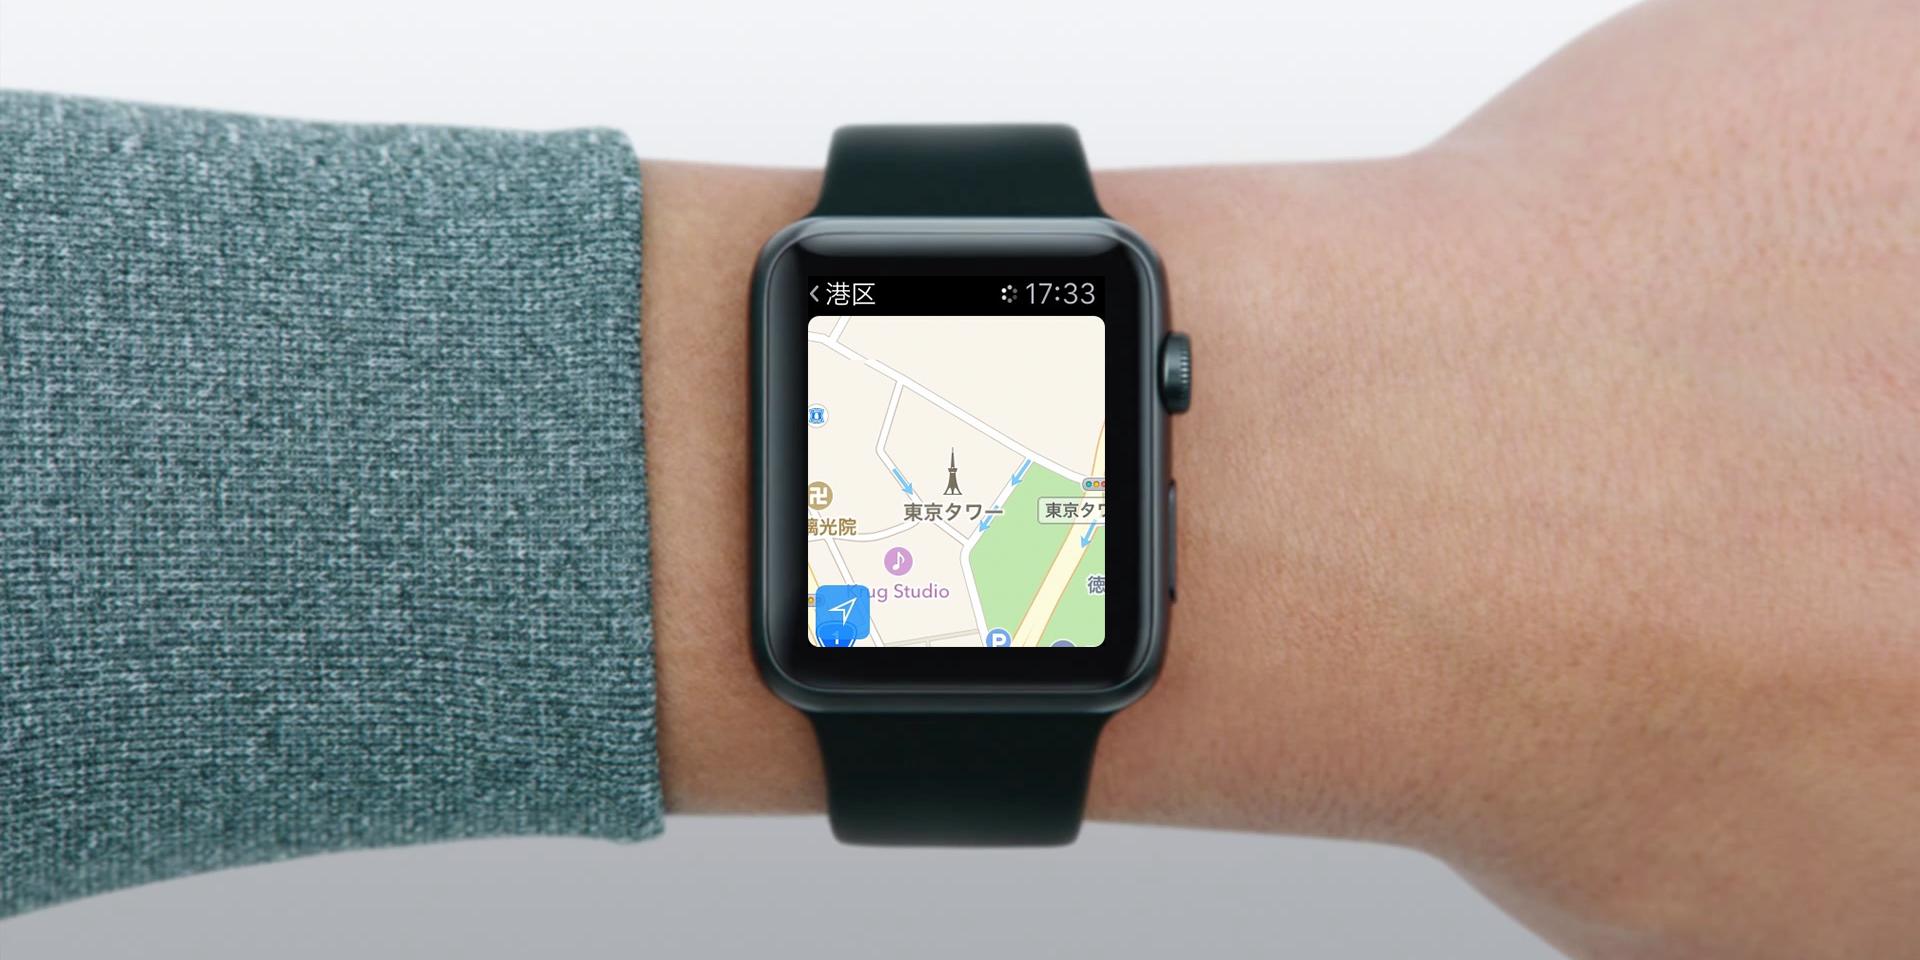 Apple Watch Series 3の「マップ」アプリはサクサク快適!?iPhoneと接続されている状態でもセルラー通信中でもSeries 2より格段にスピードアップ